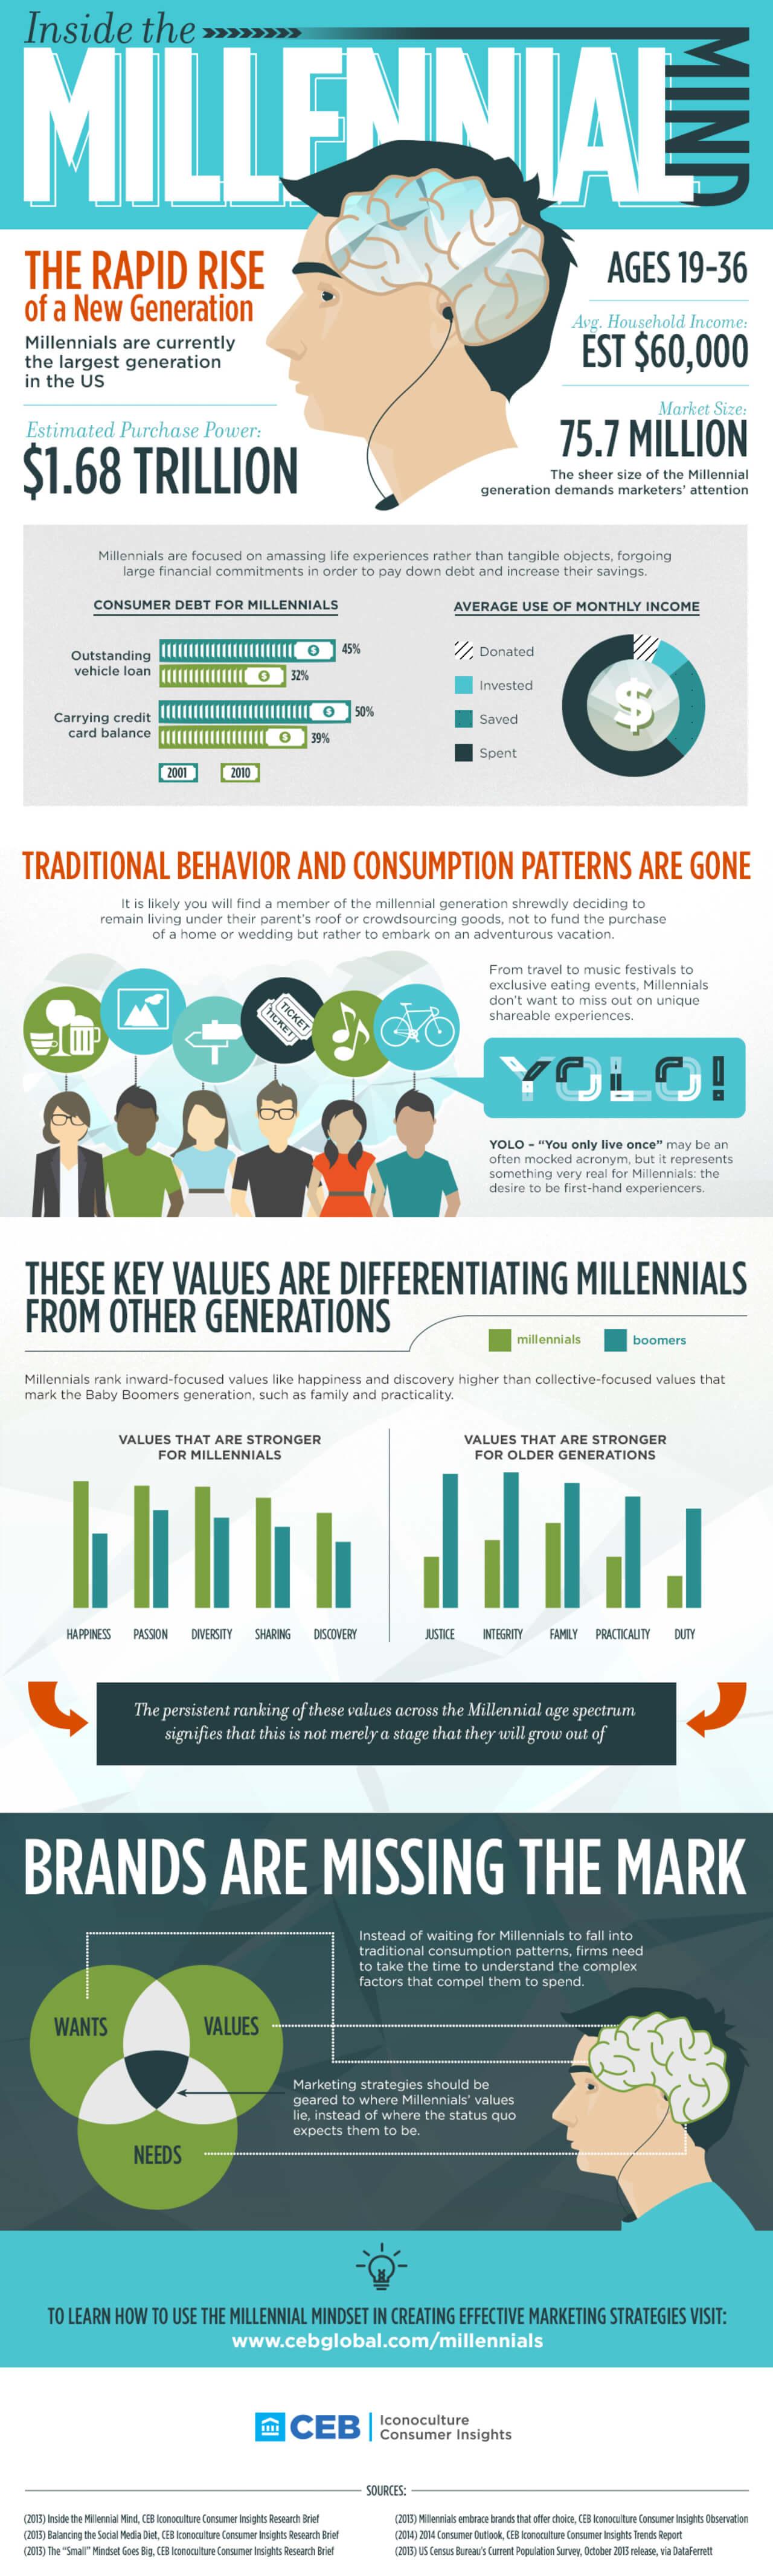 Best Infographics: Inside The Millennial Mind